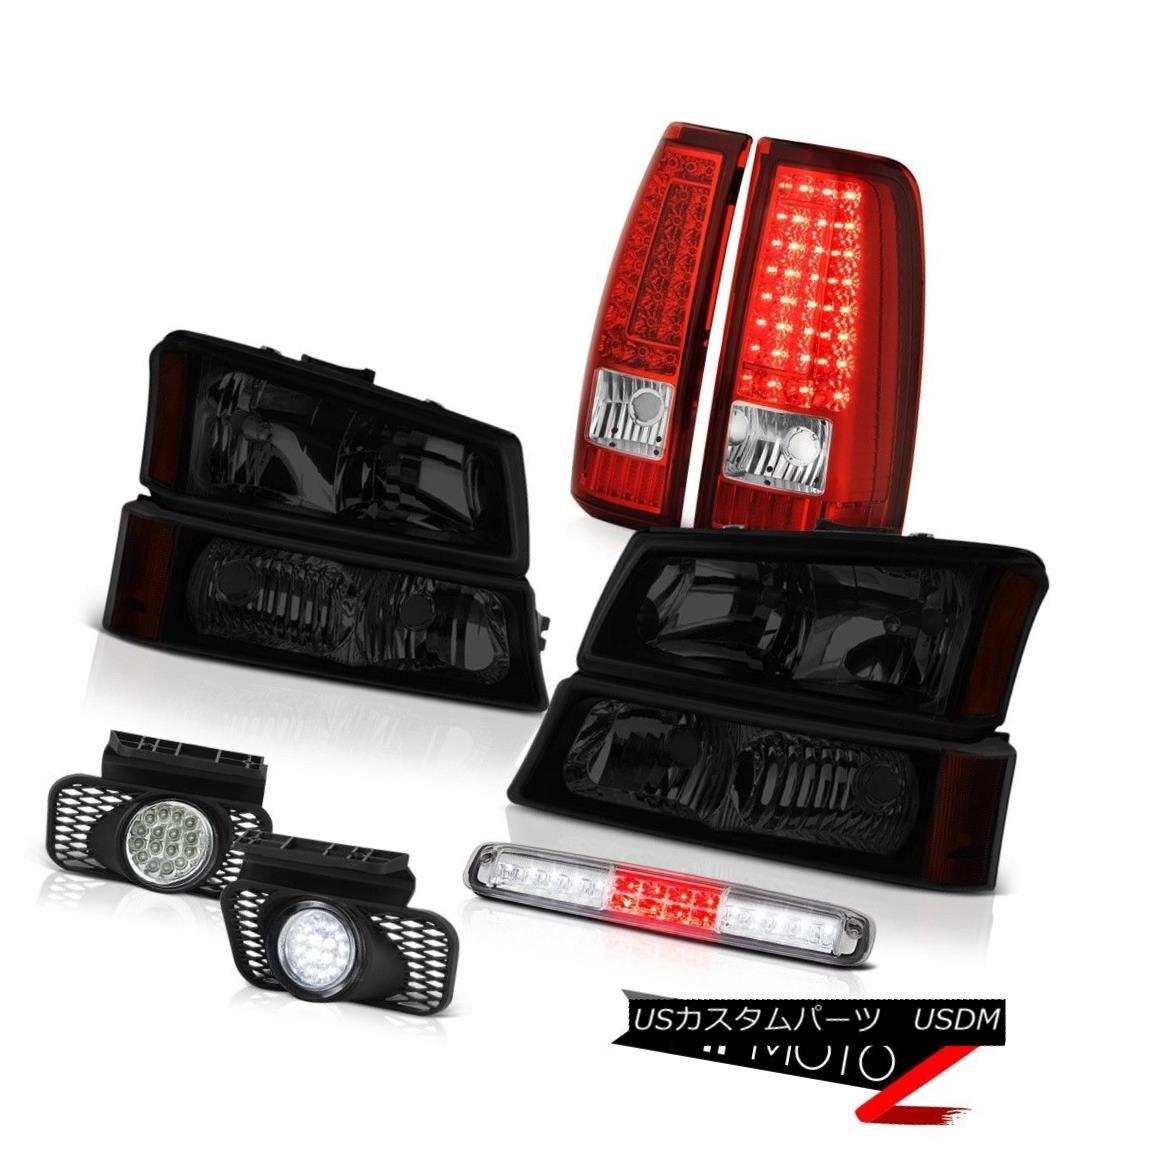 テールライト 03-06 Silverado 2500Hd Roof Brake Light Fog Lamps Red Tail Dark Tinted Headlamps 03-06 Silverado 2500Hdルーフブレーキライトフォグランプレッドテールダークティンテッドヘッドランプ